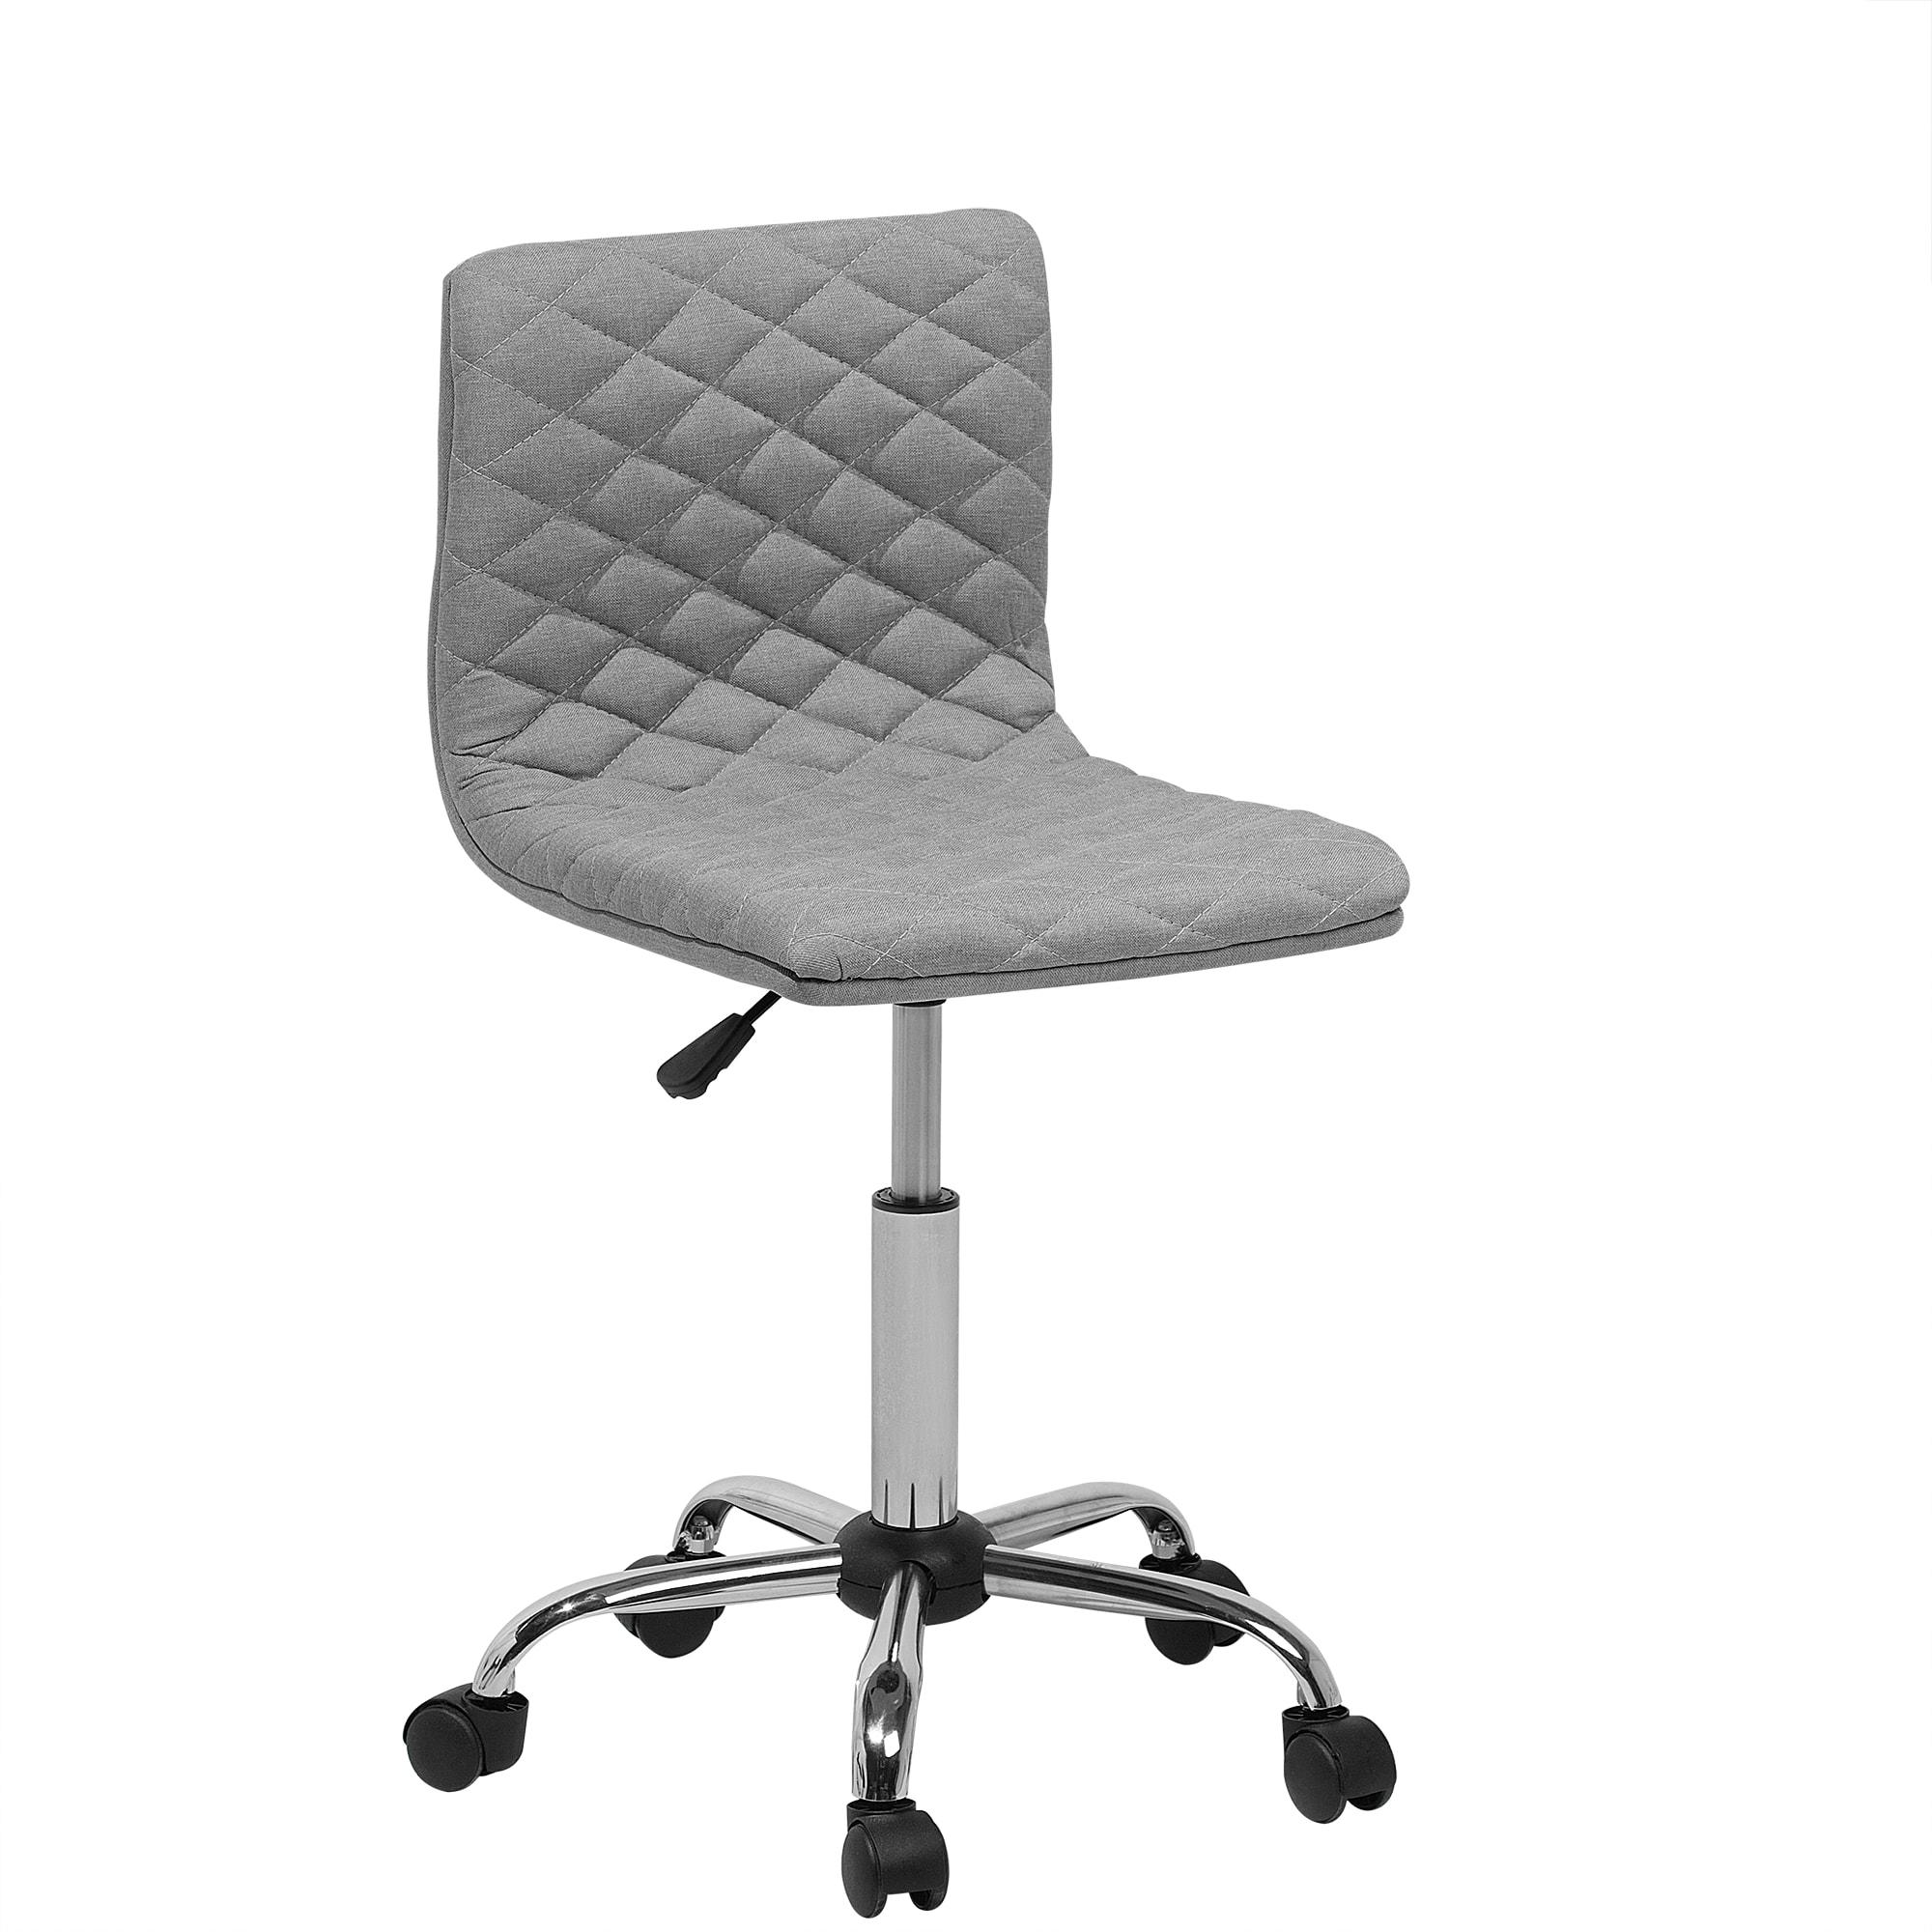 Chaise de bureau grise